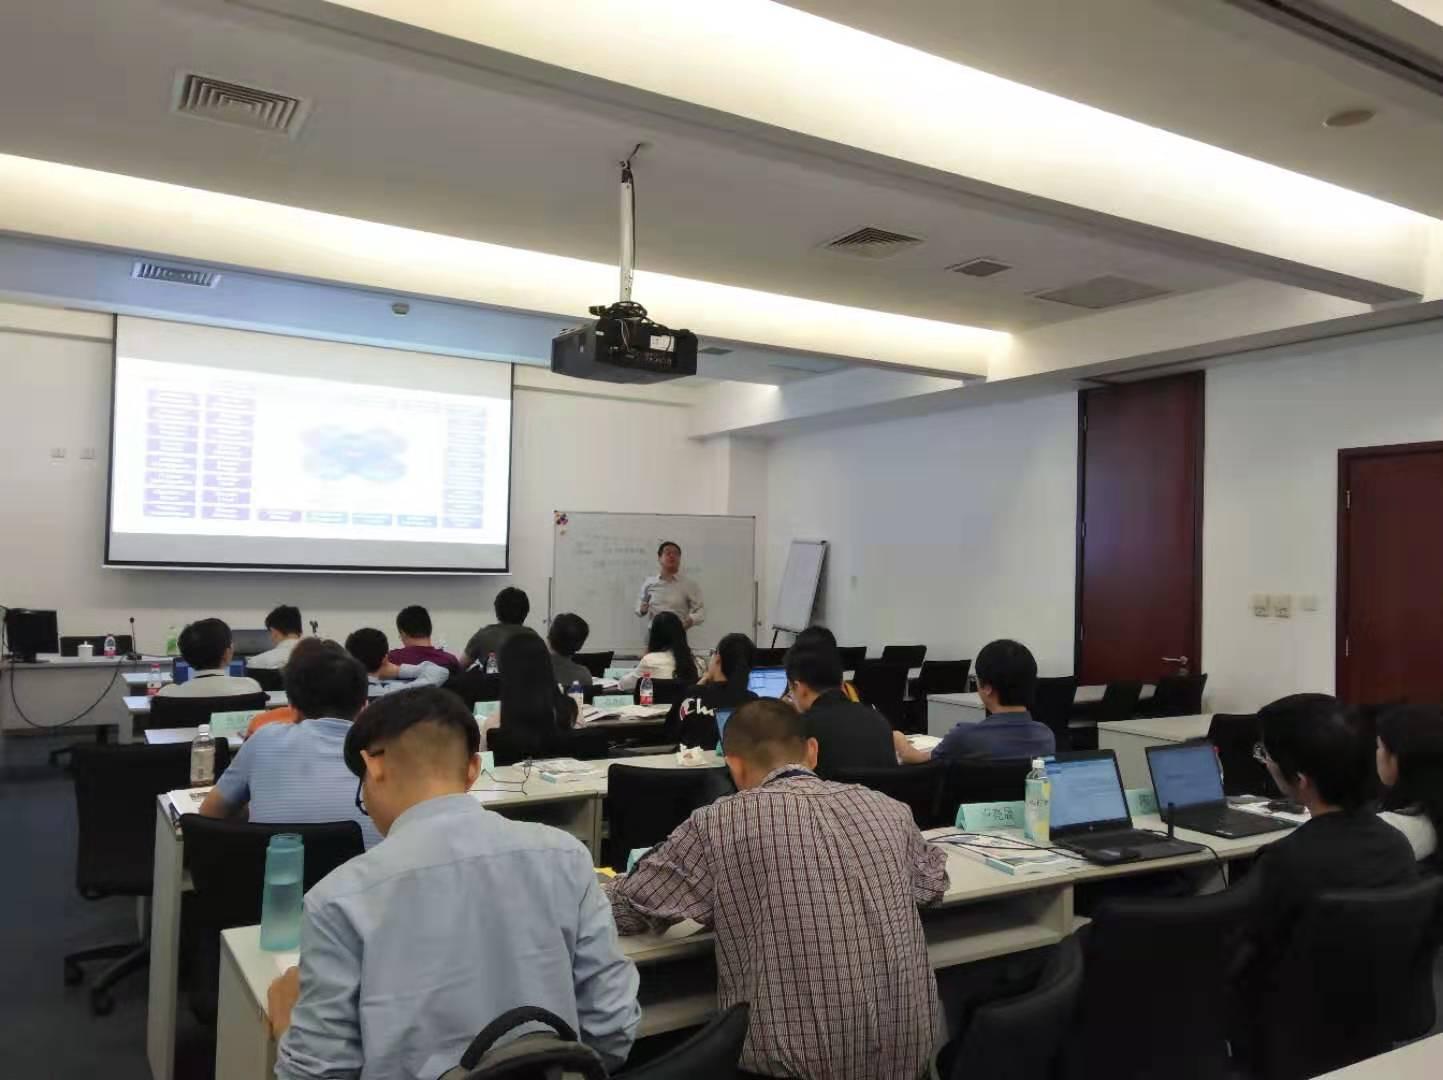 10月11日,走进交行,ITIL 4-IT服务管理基础认证服务认证内训成功举办 -- 第1张